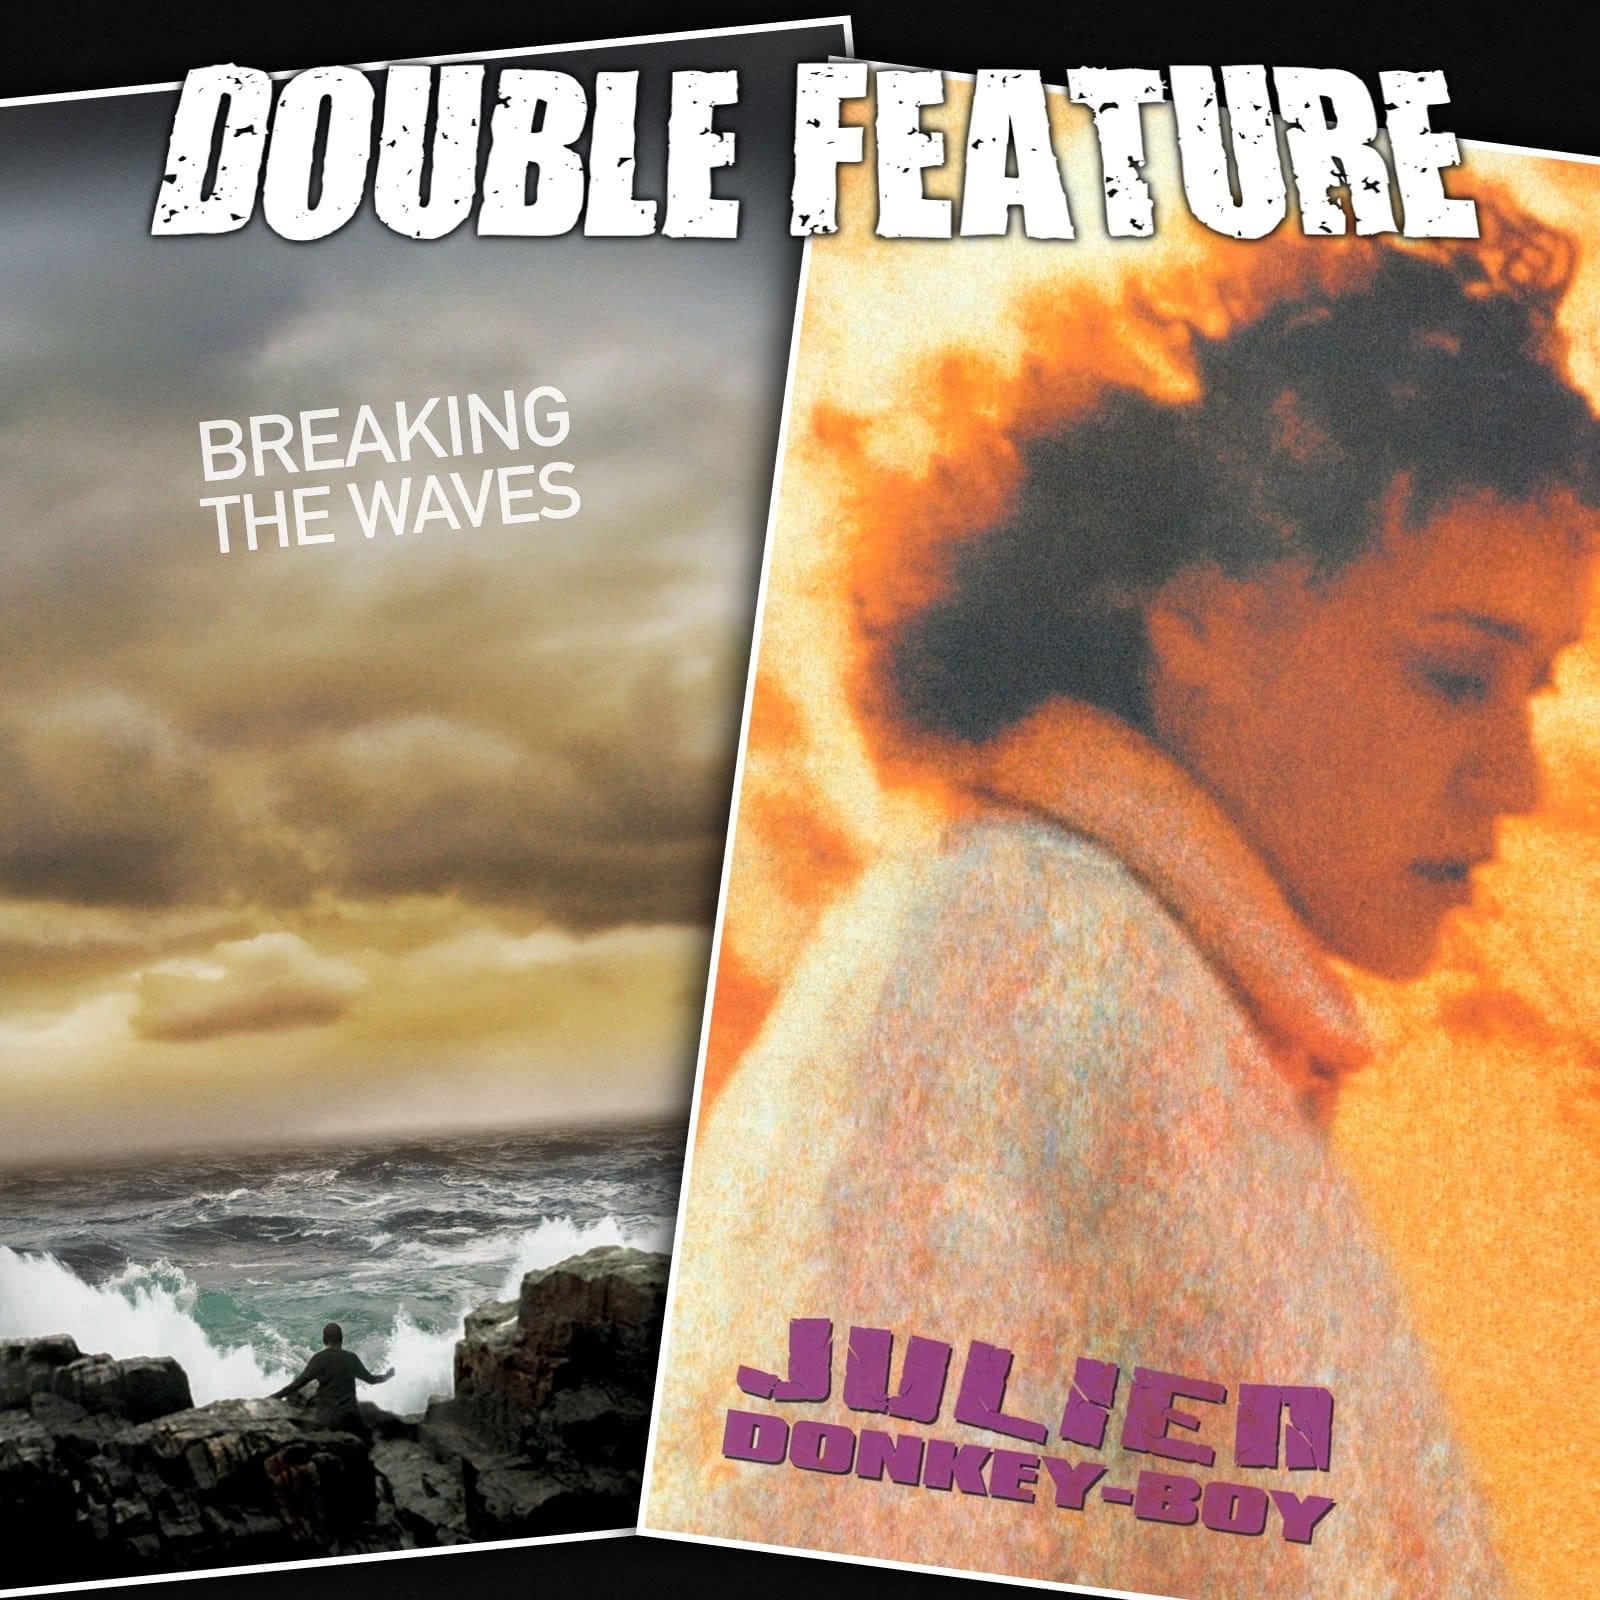 Breaking The Waves Julien Donkey Boy Double Feature